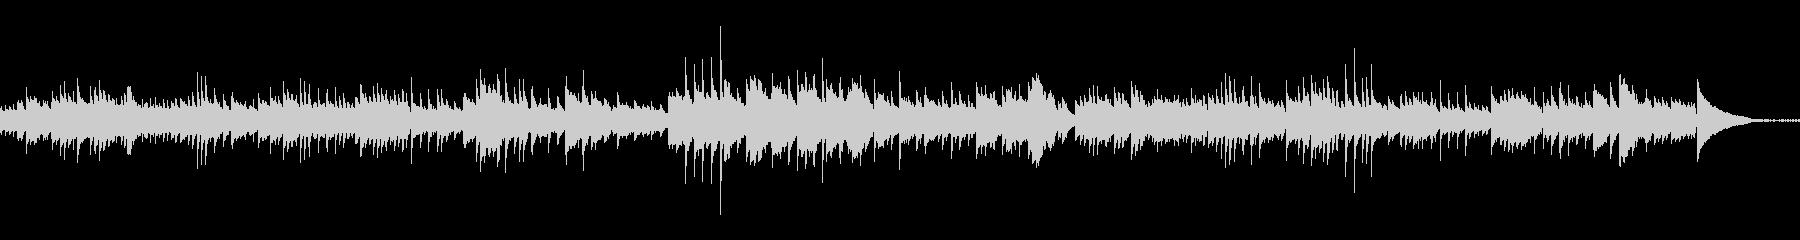 ショパンノクターン風ピアノオリジナル曲の未再生の波形